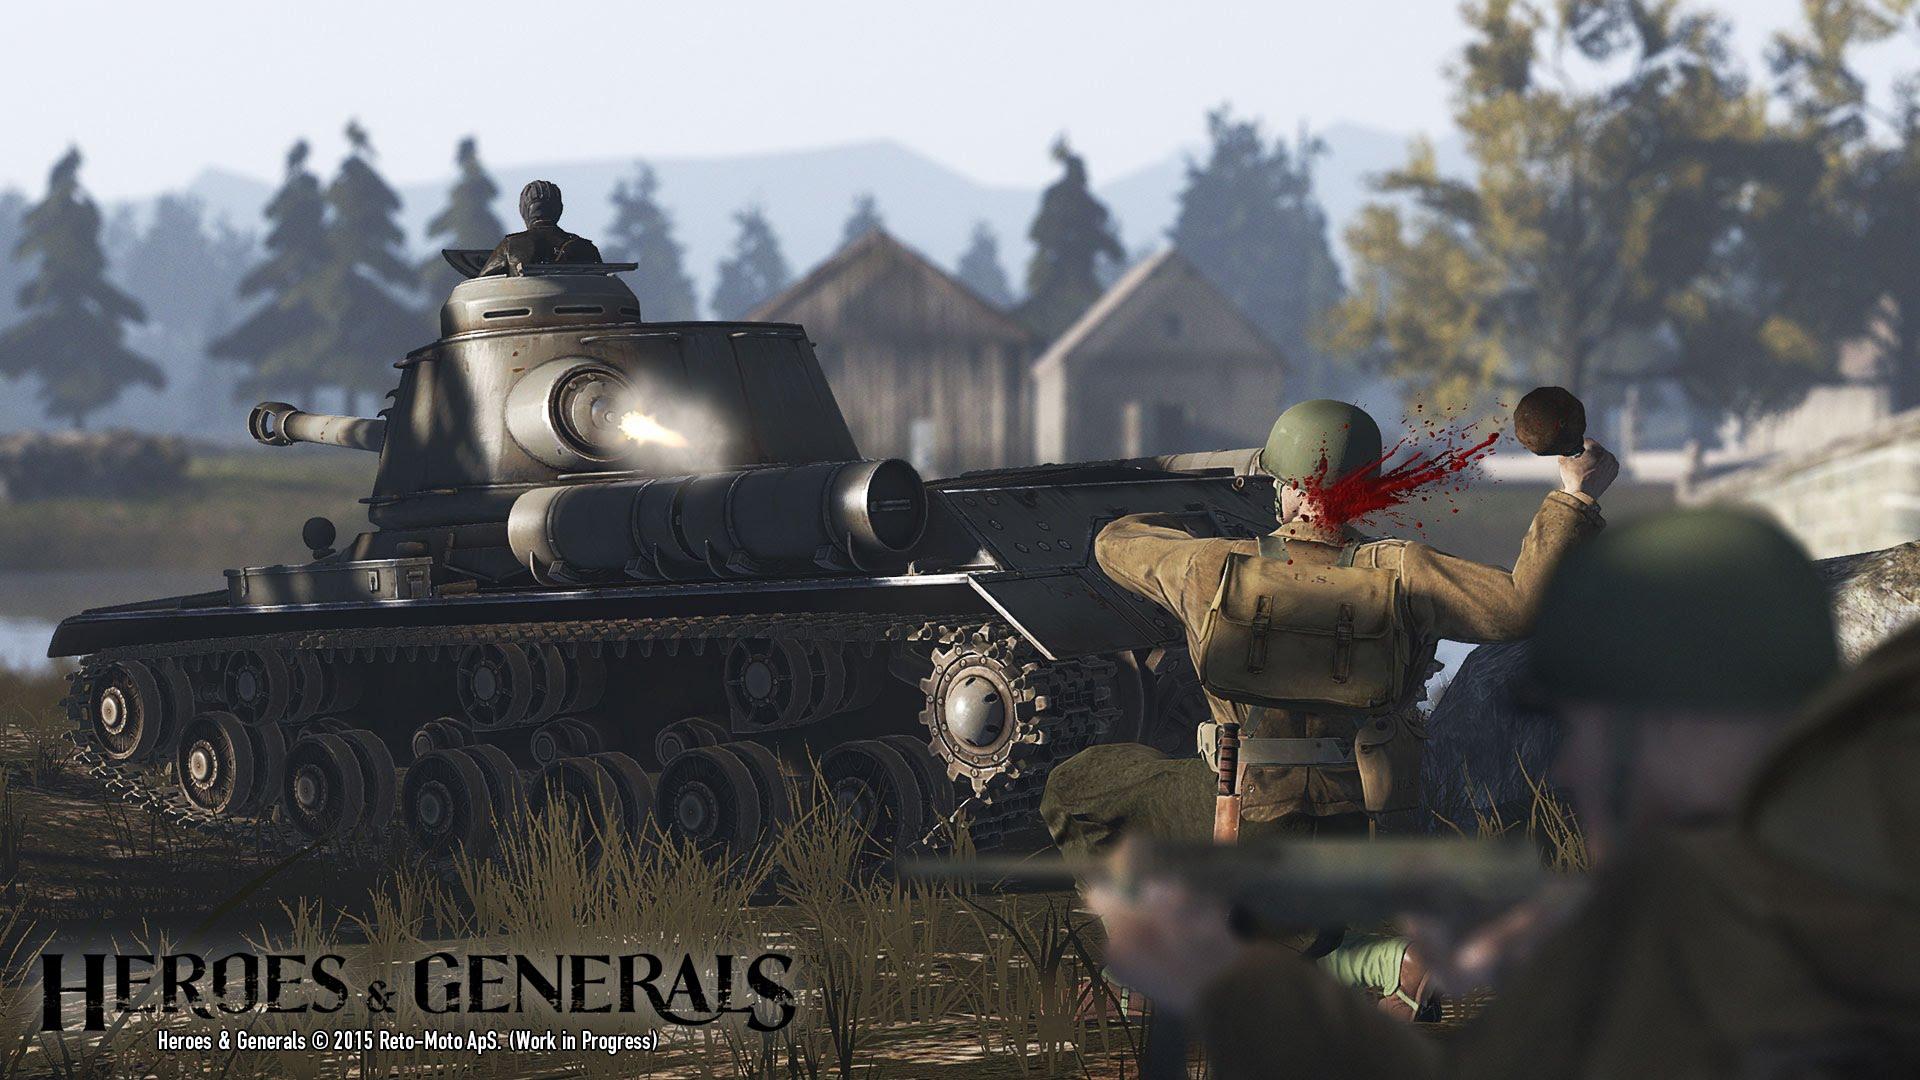 Heroes & Generals (2016)